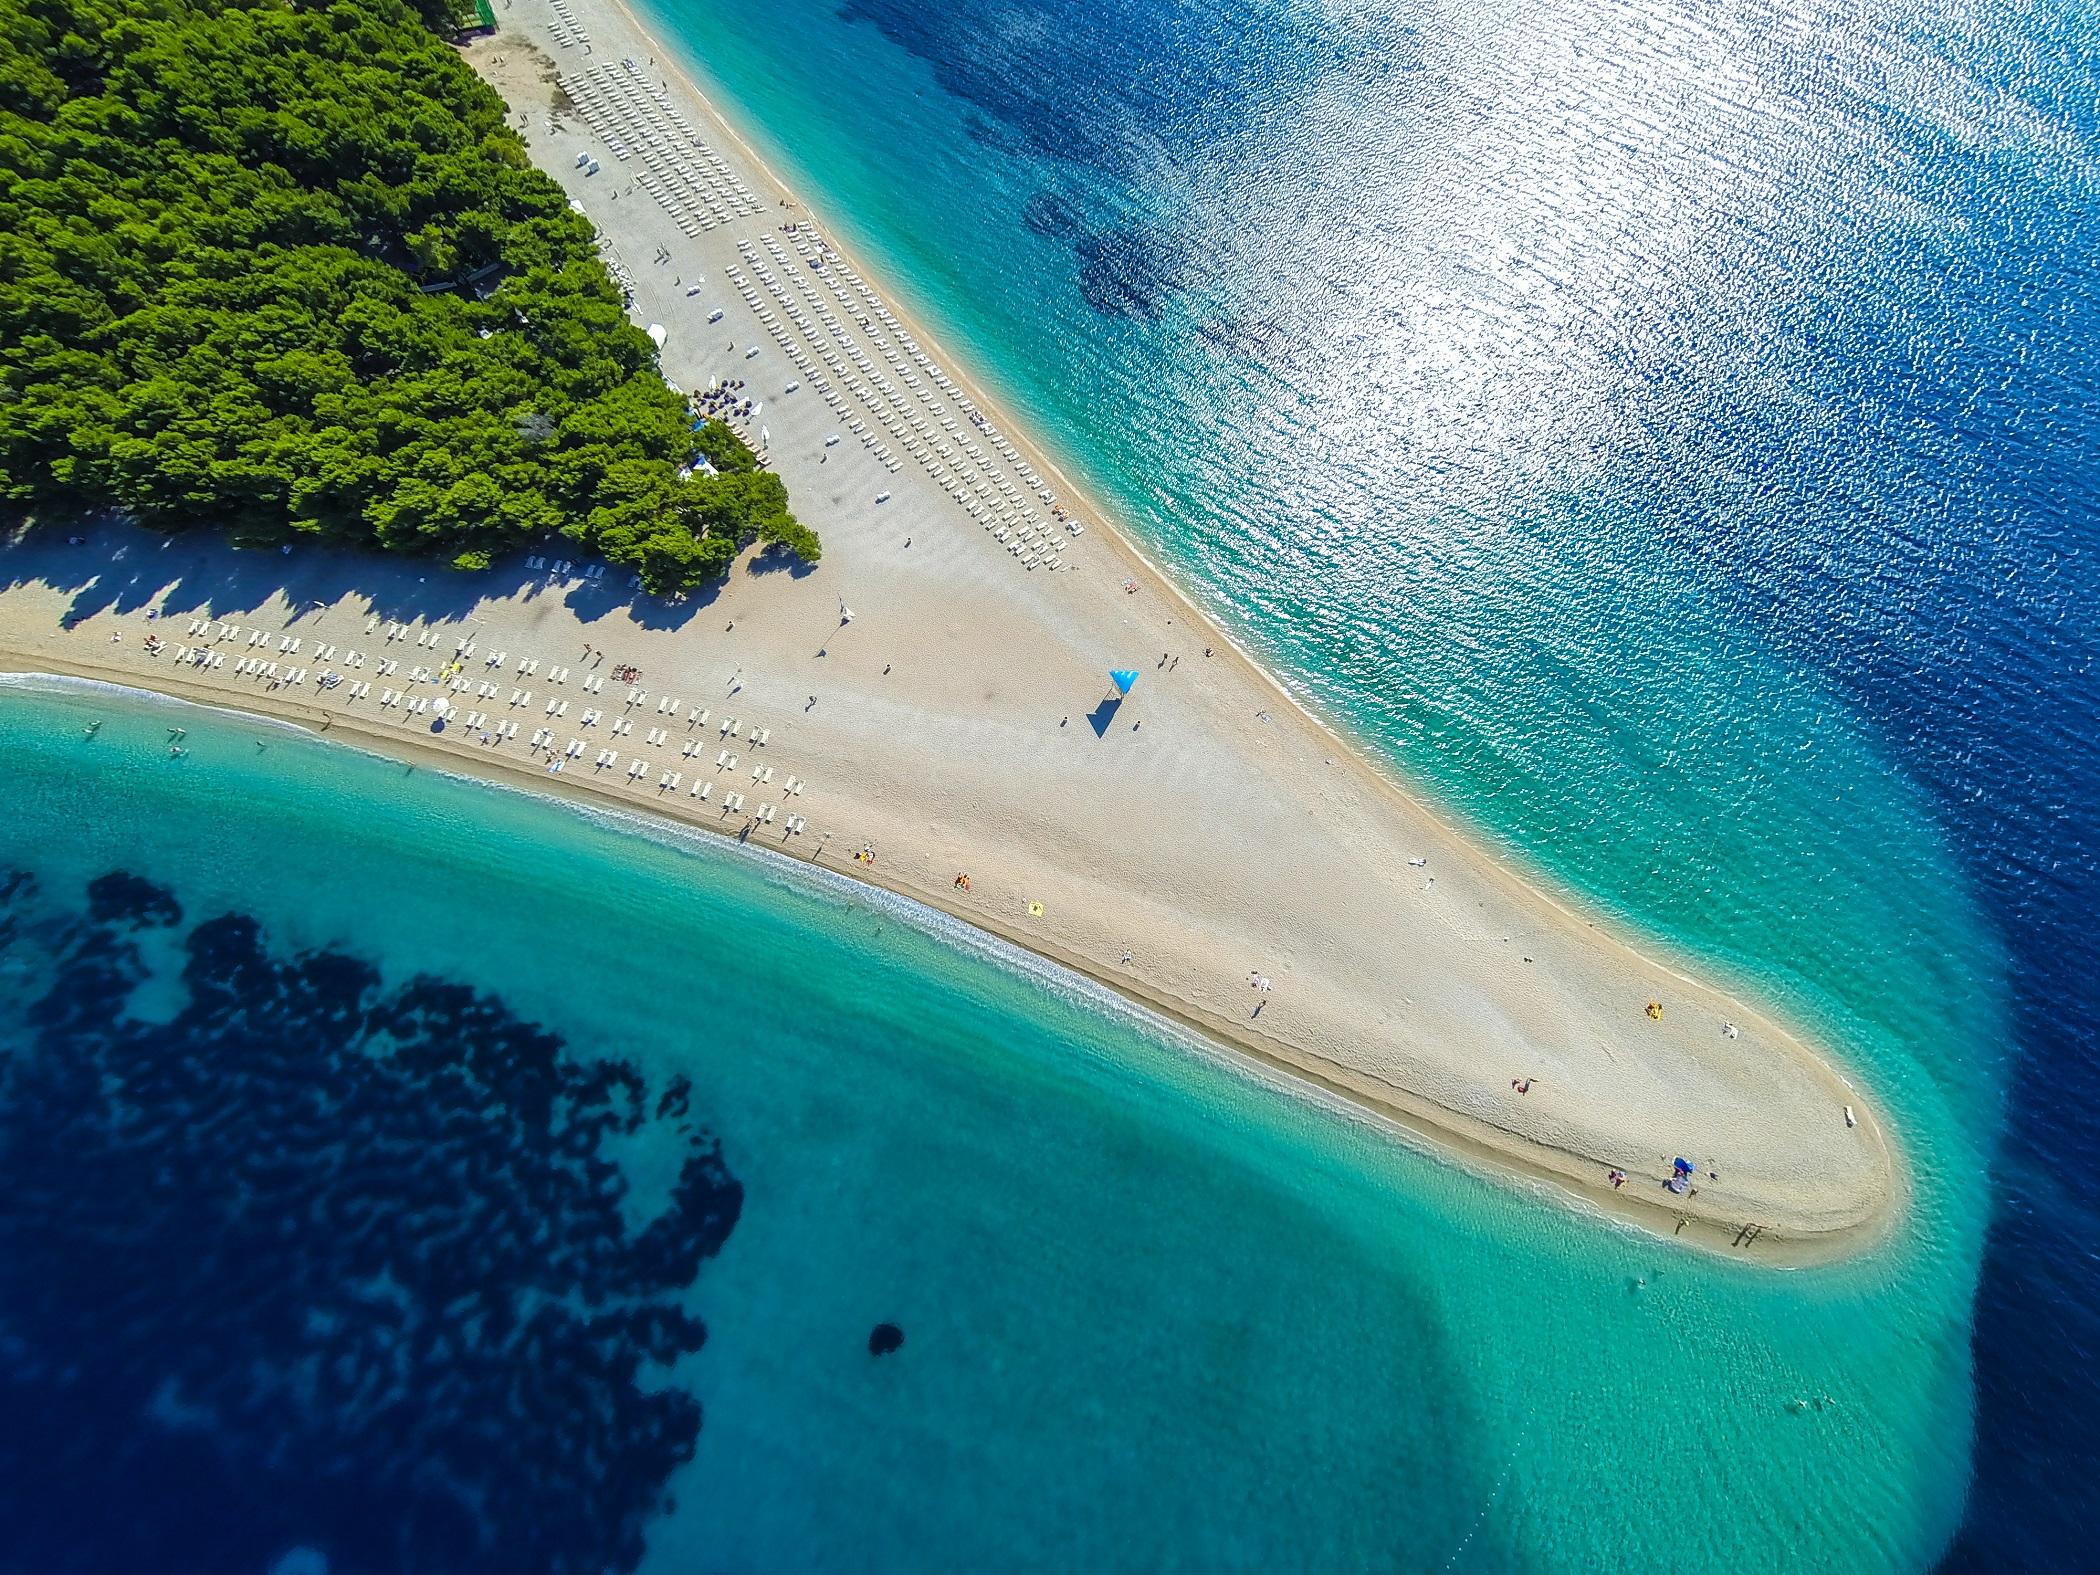 Der Strand Zlatni Rat auf der kroatischen Insel Brac ist weltberühmt